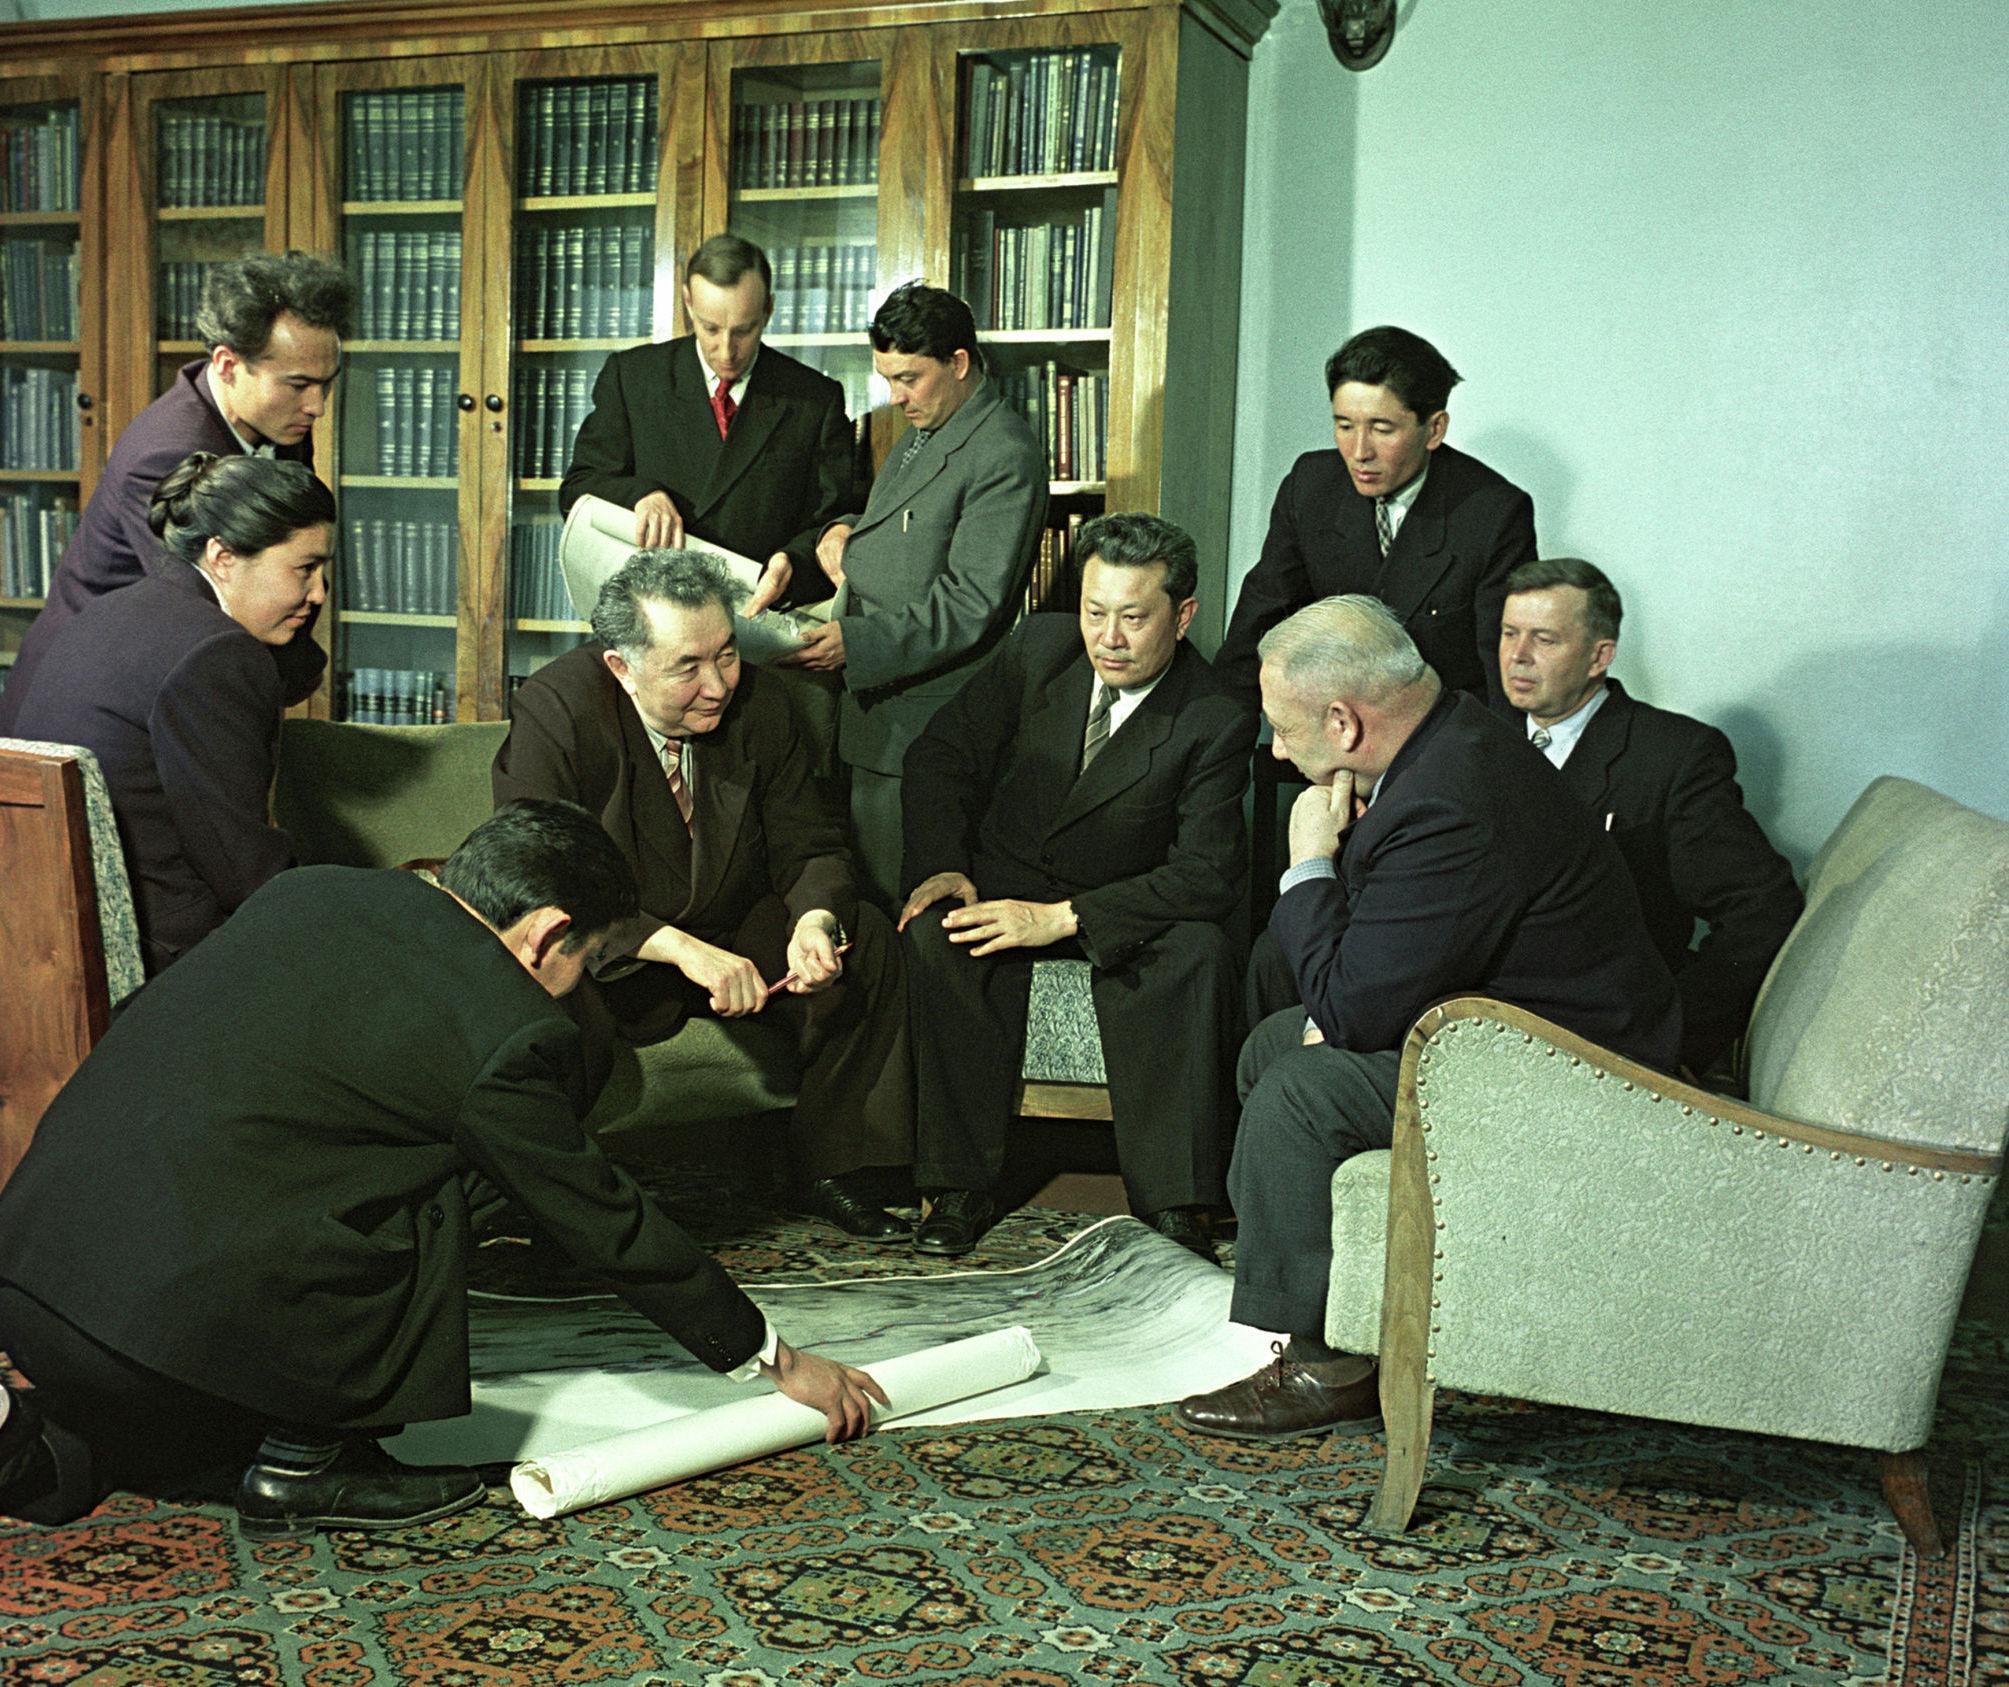 Институт геологических наук Академии Наук Казахской ССР. Академик Каныш Сатпаев с группой сотрудников, архивное фото, 1960 год